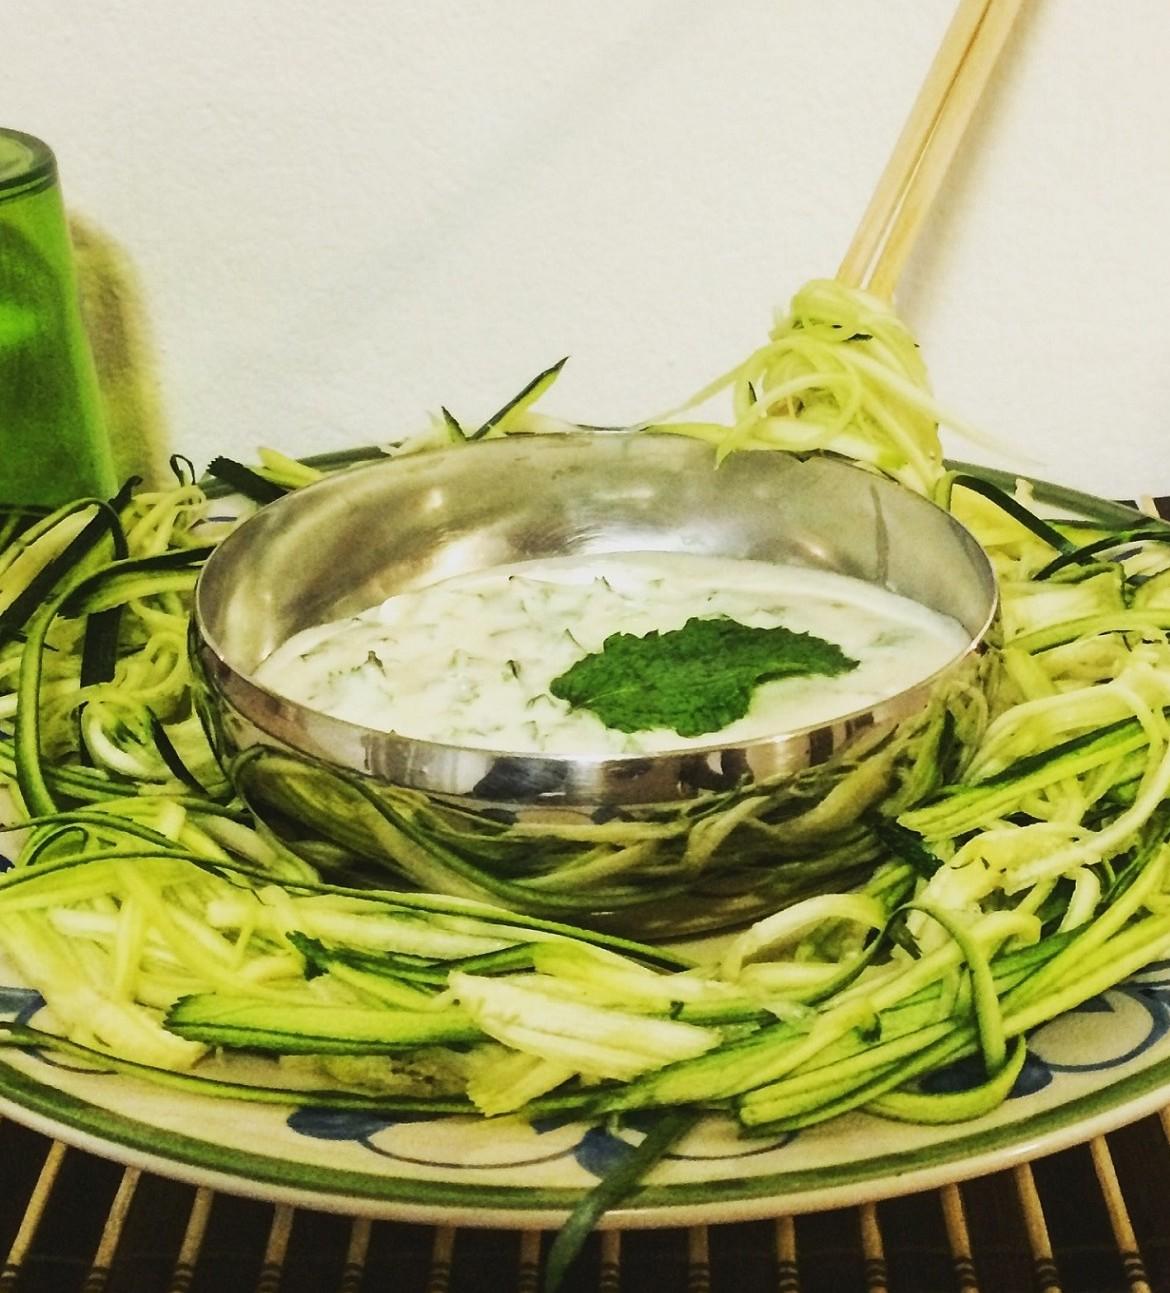 image ricetta insalata yogurt e zucchine www.gustoenutrizione.it Dr.ssa Isabelle AMATO